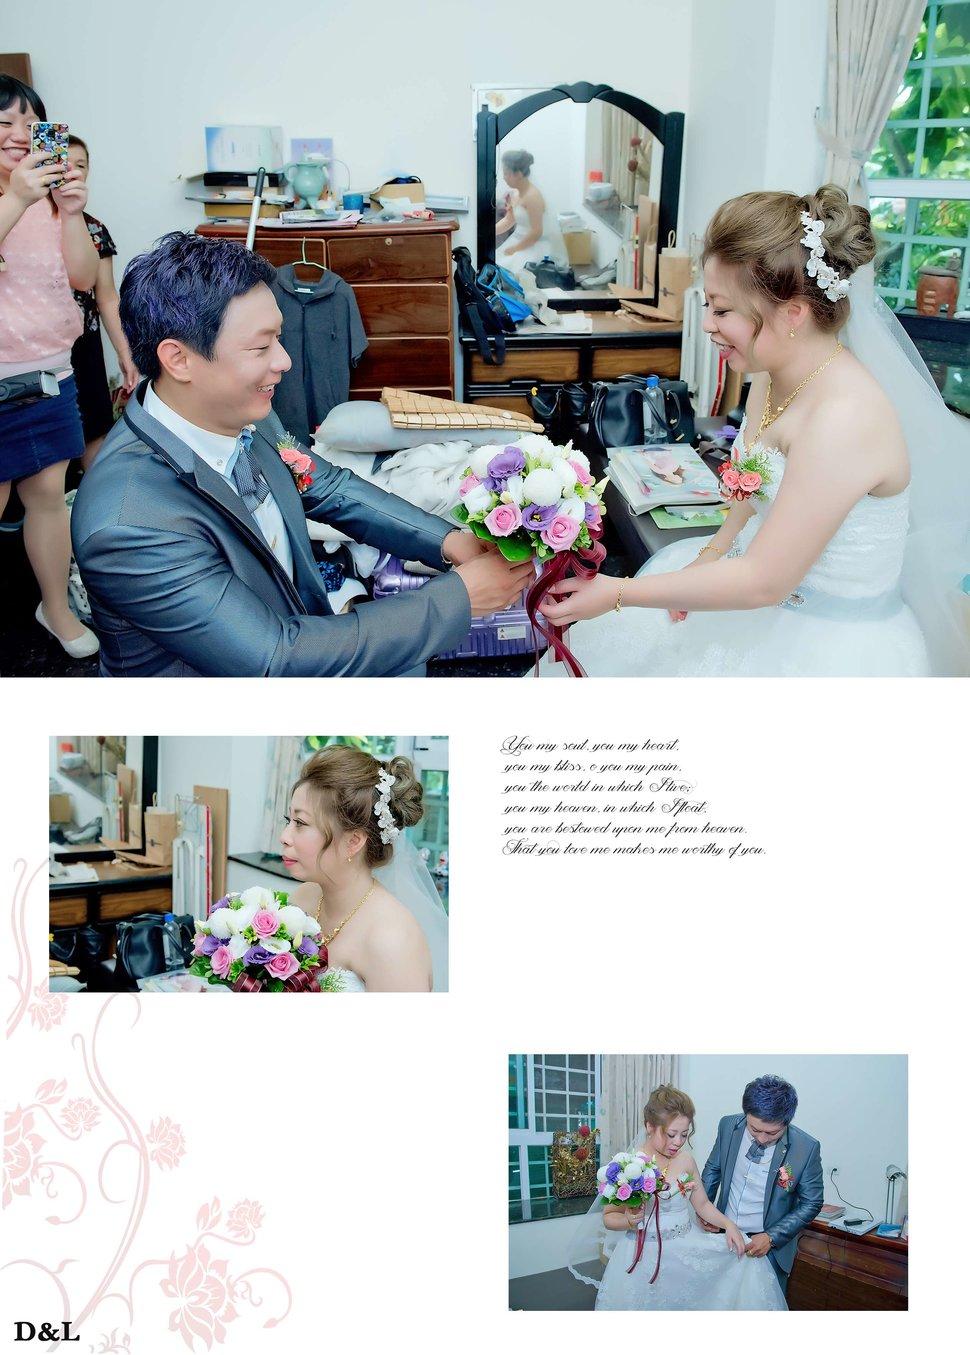 婚禮紀錄-敬添&綉芬(編號:253233) - D&L 婚禮事務-婚紗攝影/婚禮記錄 - 結婚吧一站式婚禮服務平台